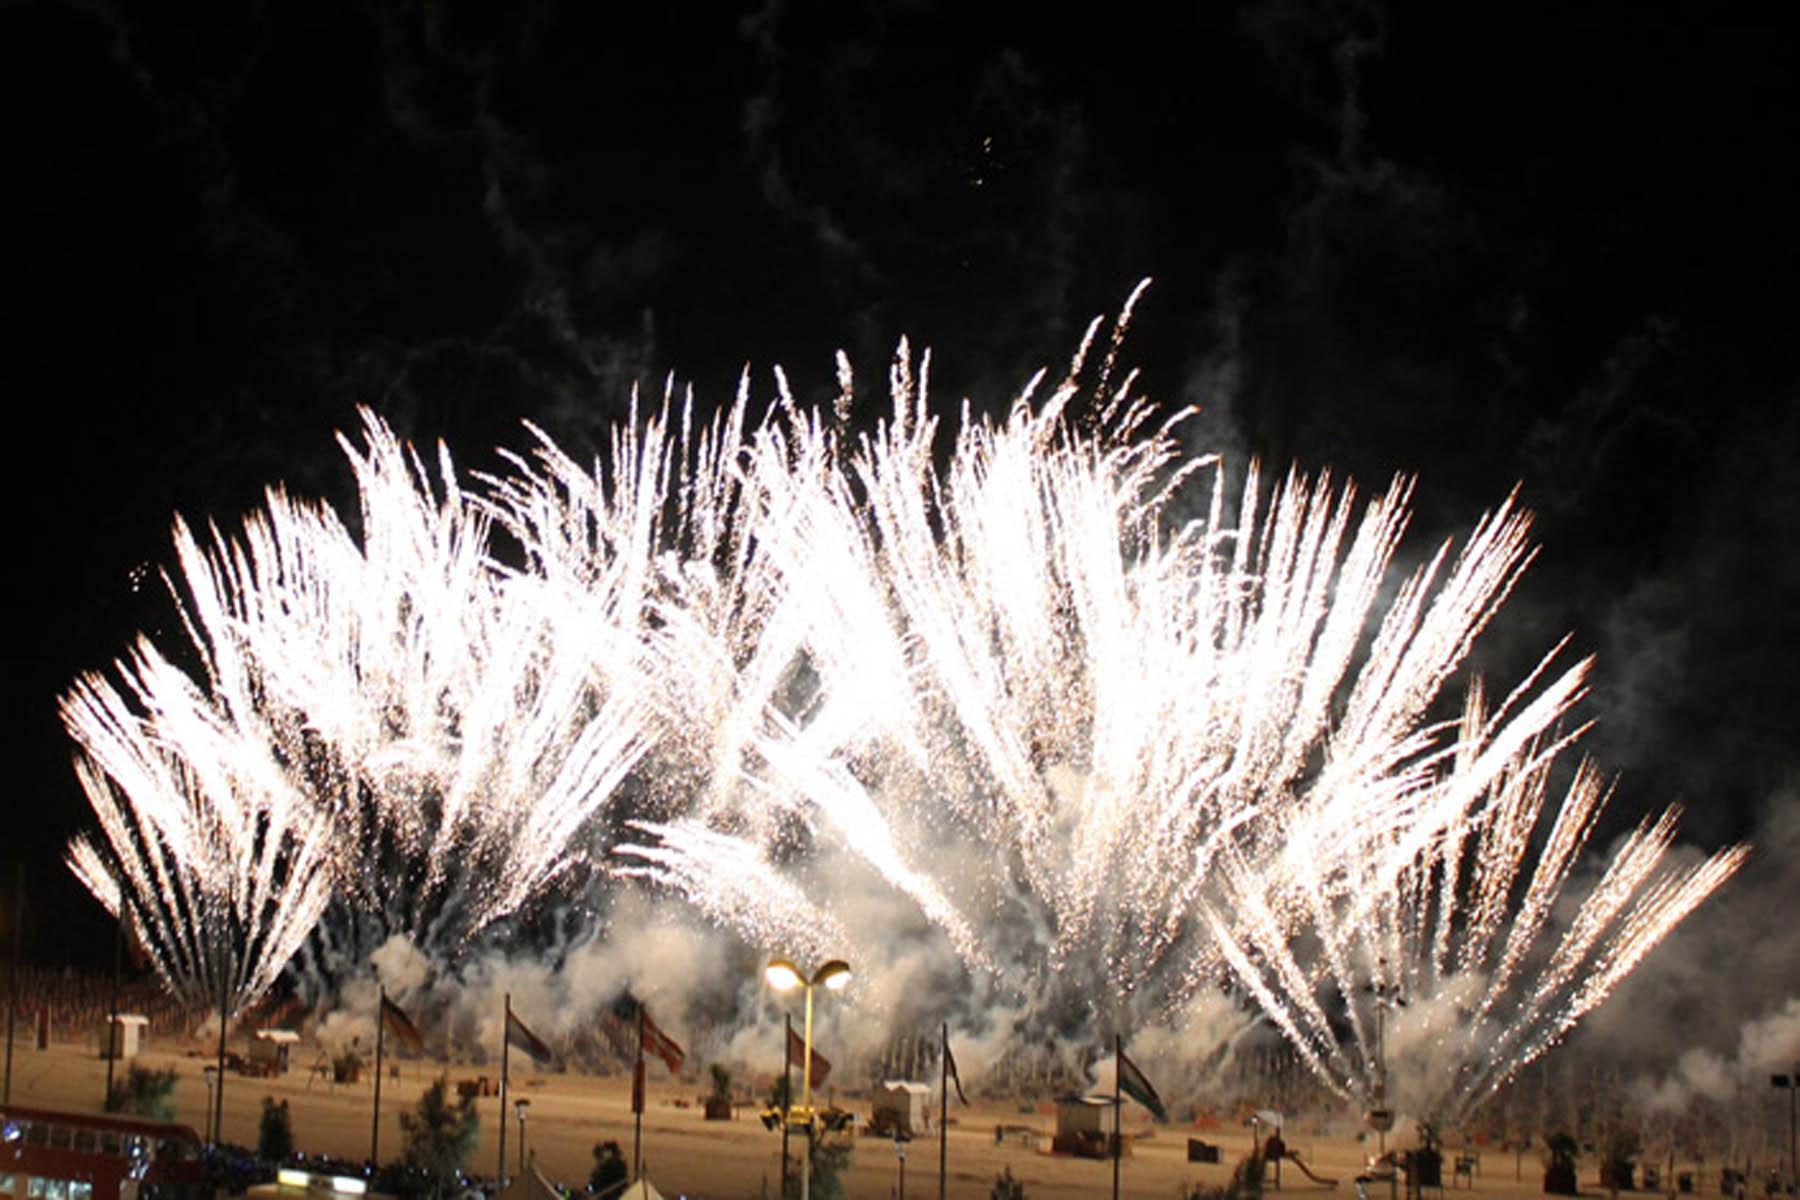 Fuochi d'artificio e spettacolo pirotecnico musicale 2018